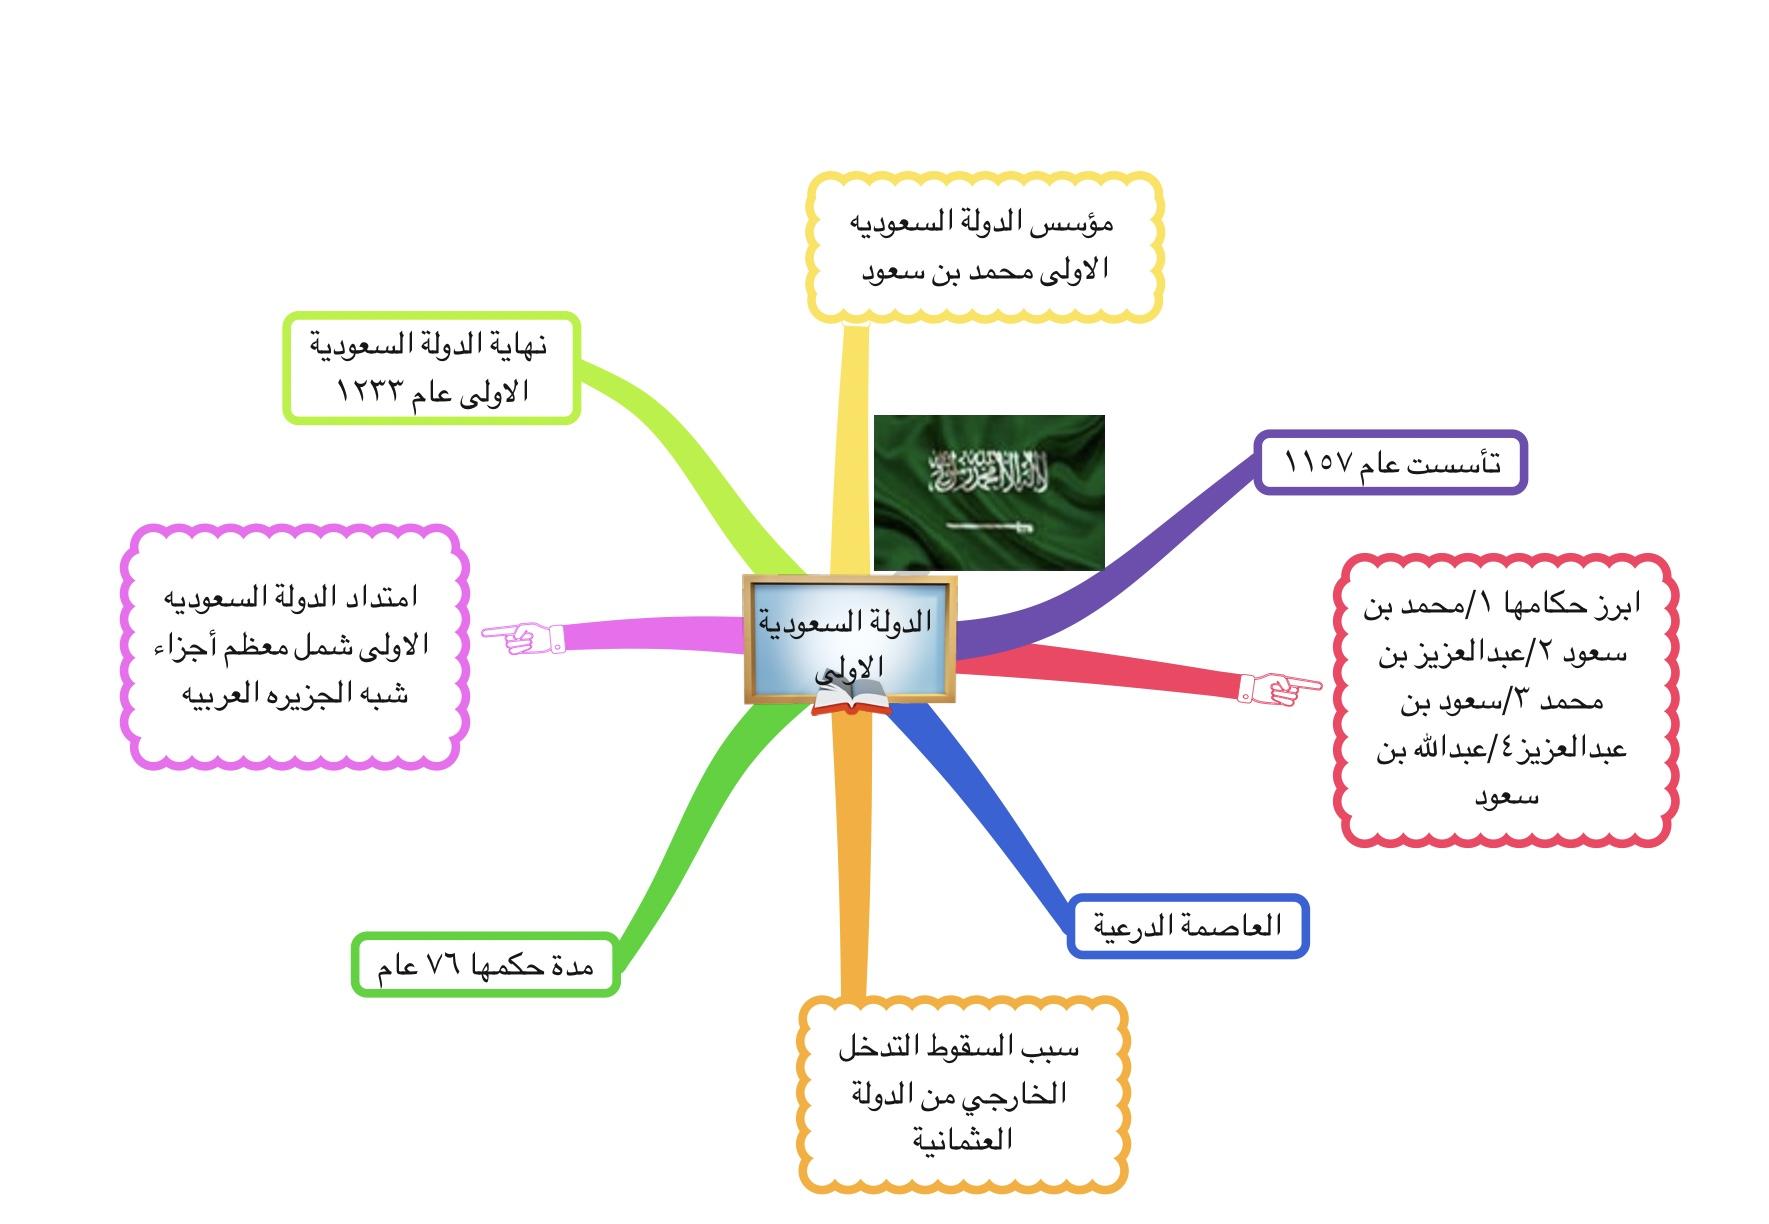 الدولة السعوديه الاولى Shms Saudi Oer Network